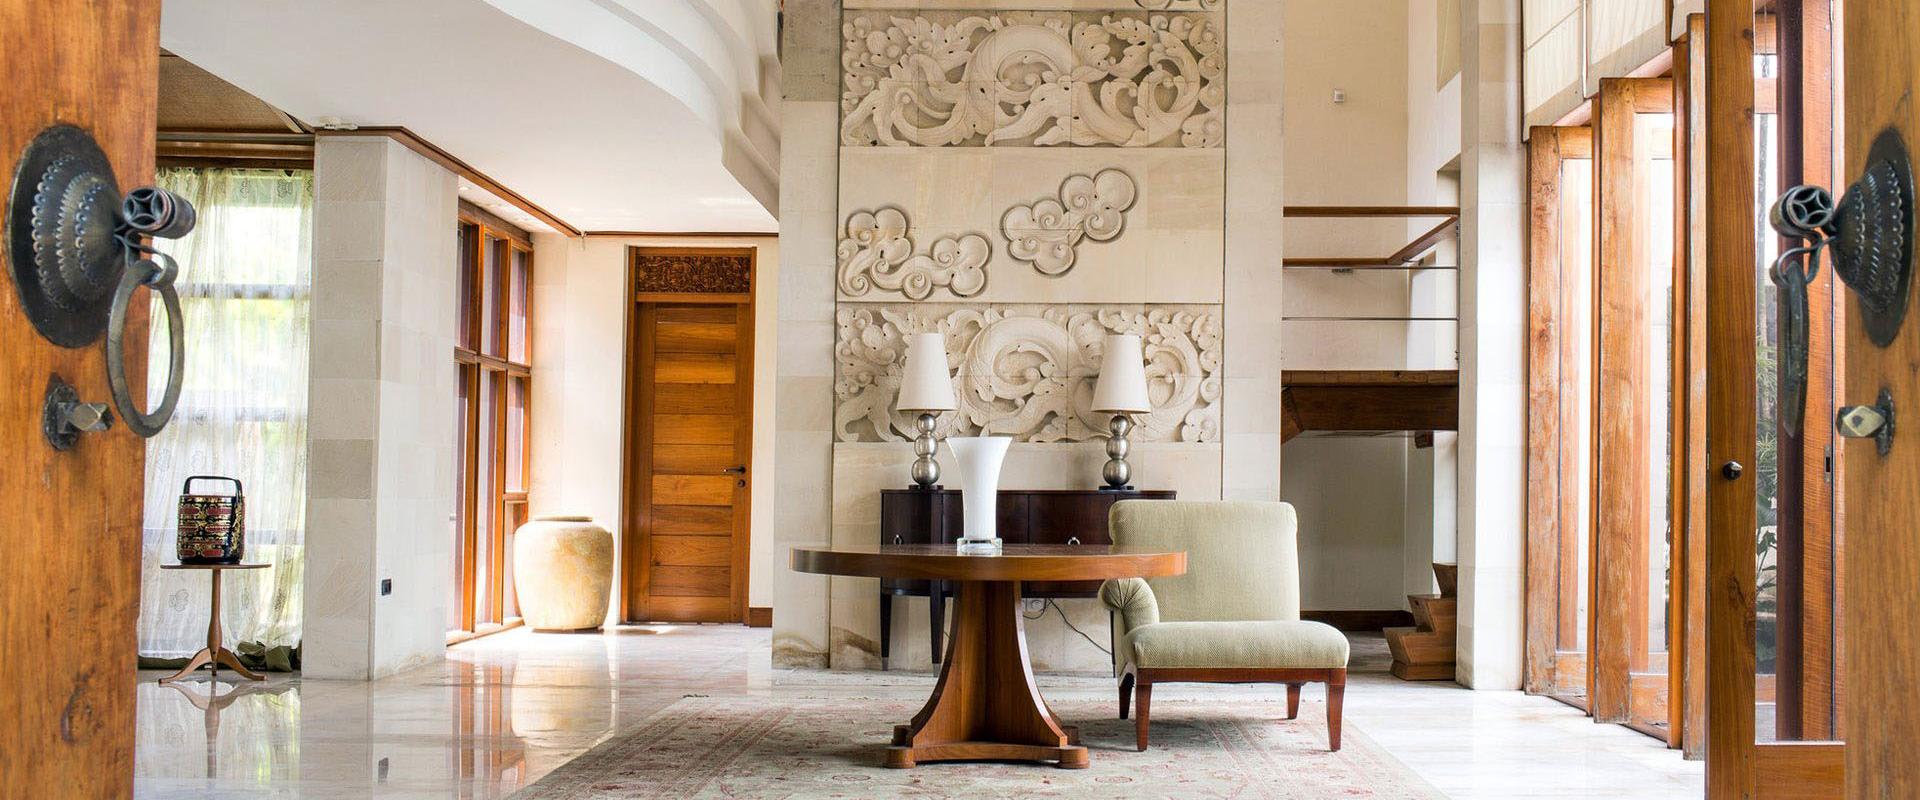 Bali style interior design